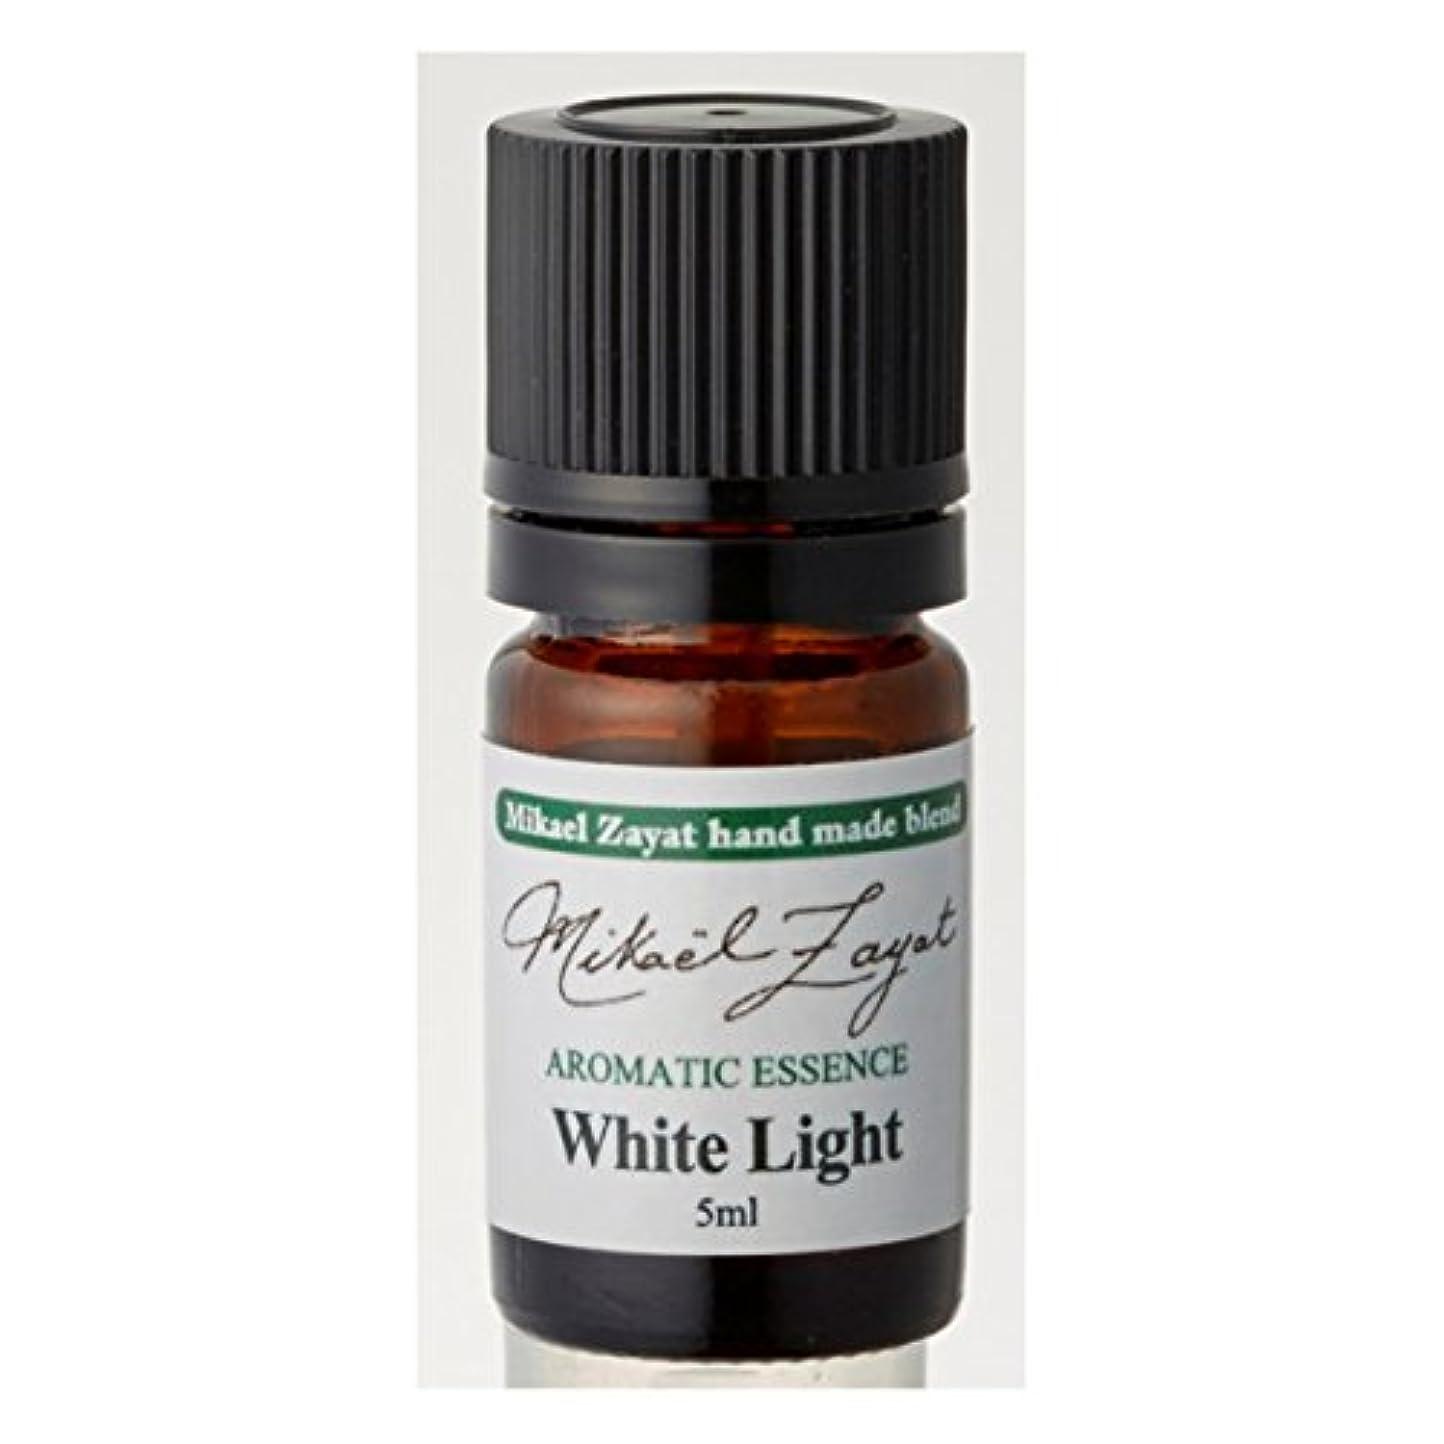 鋭く累積地震ミカエルザヤット ホワイトライト White Light 5ml/ Mikael Zayat hand made blend